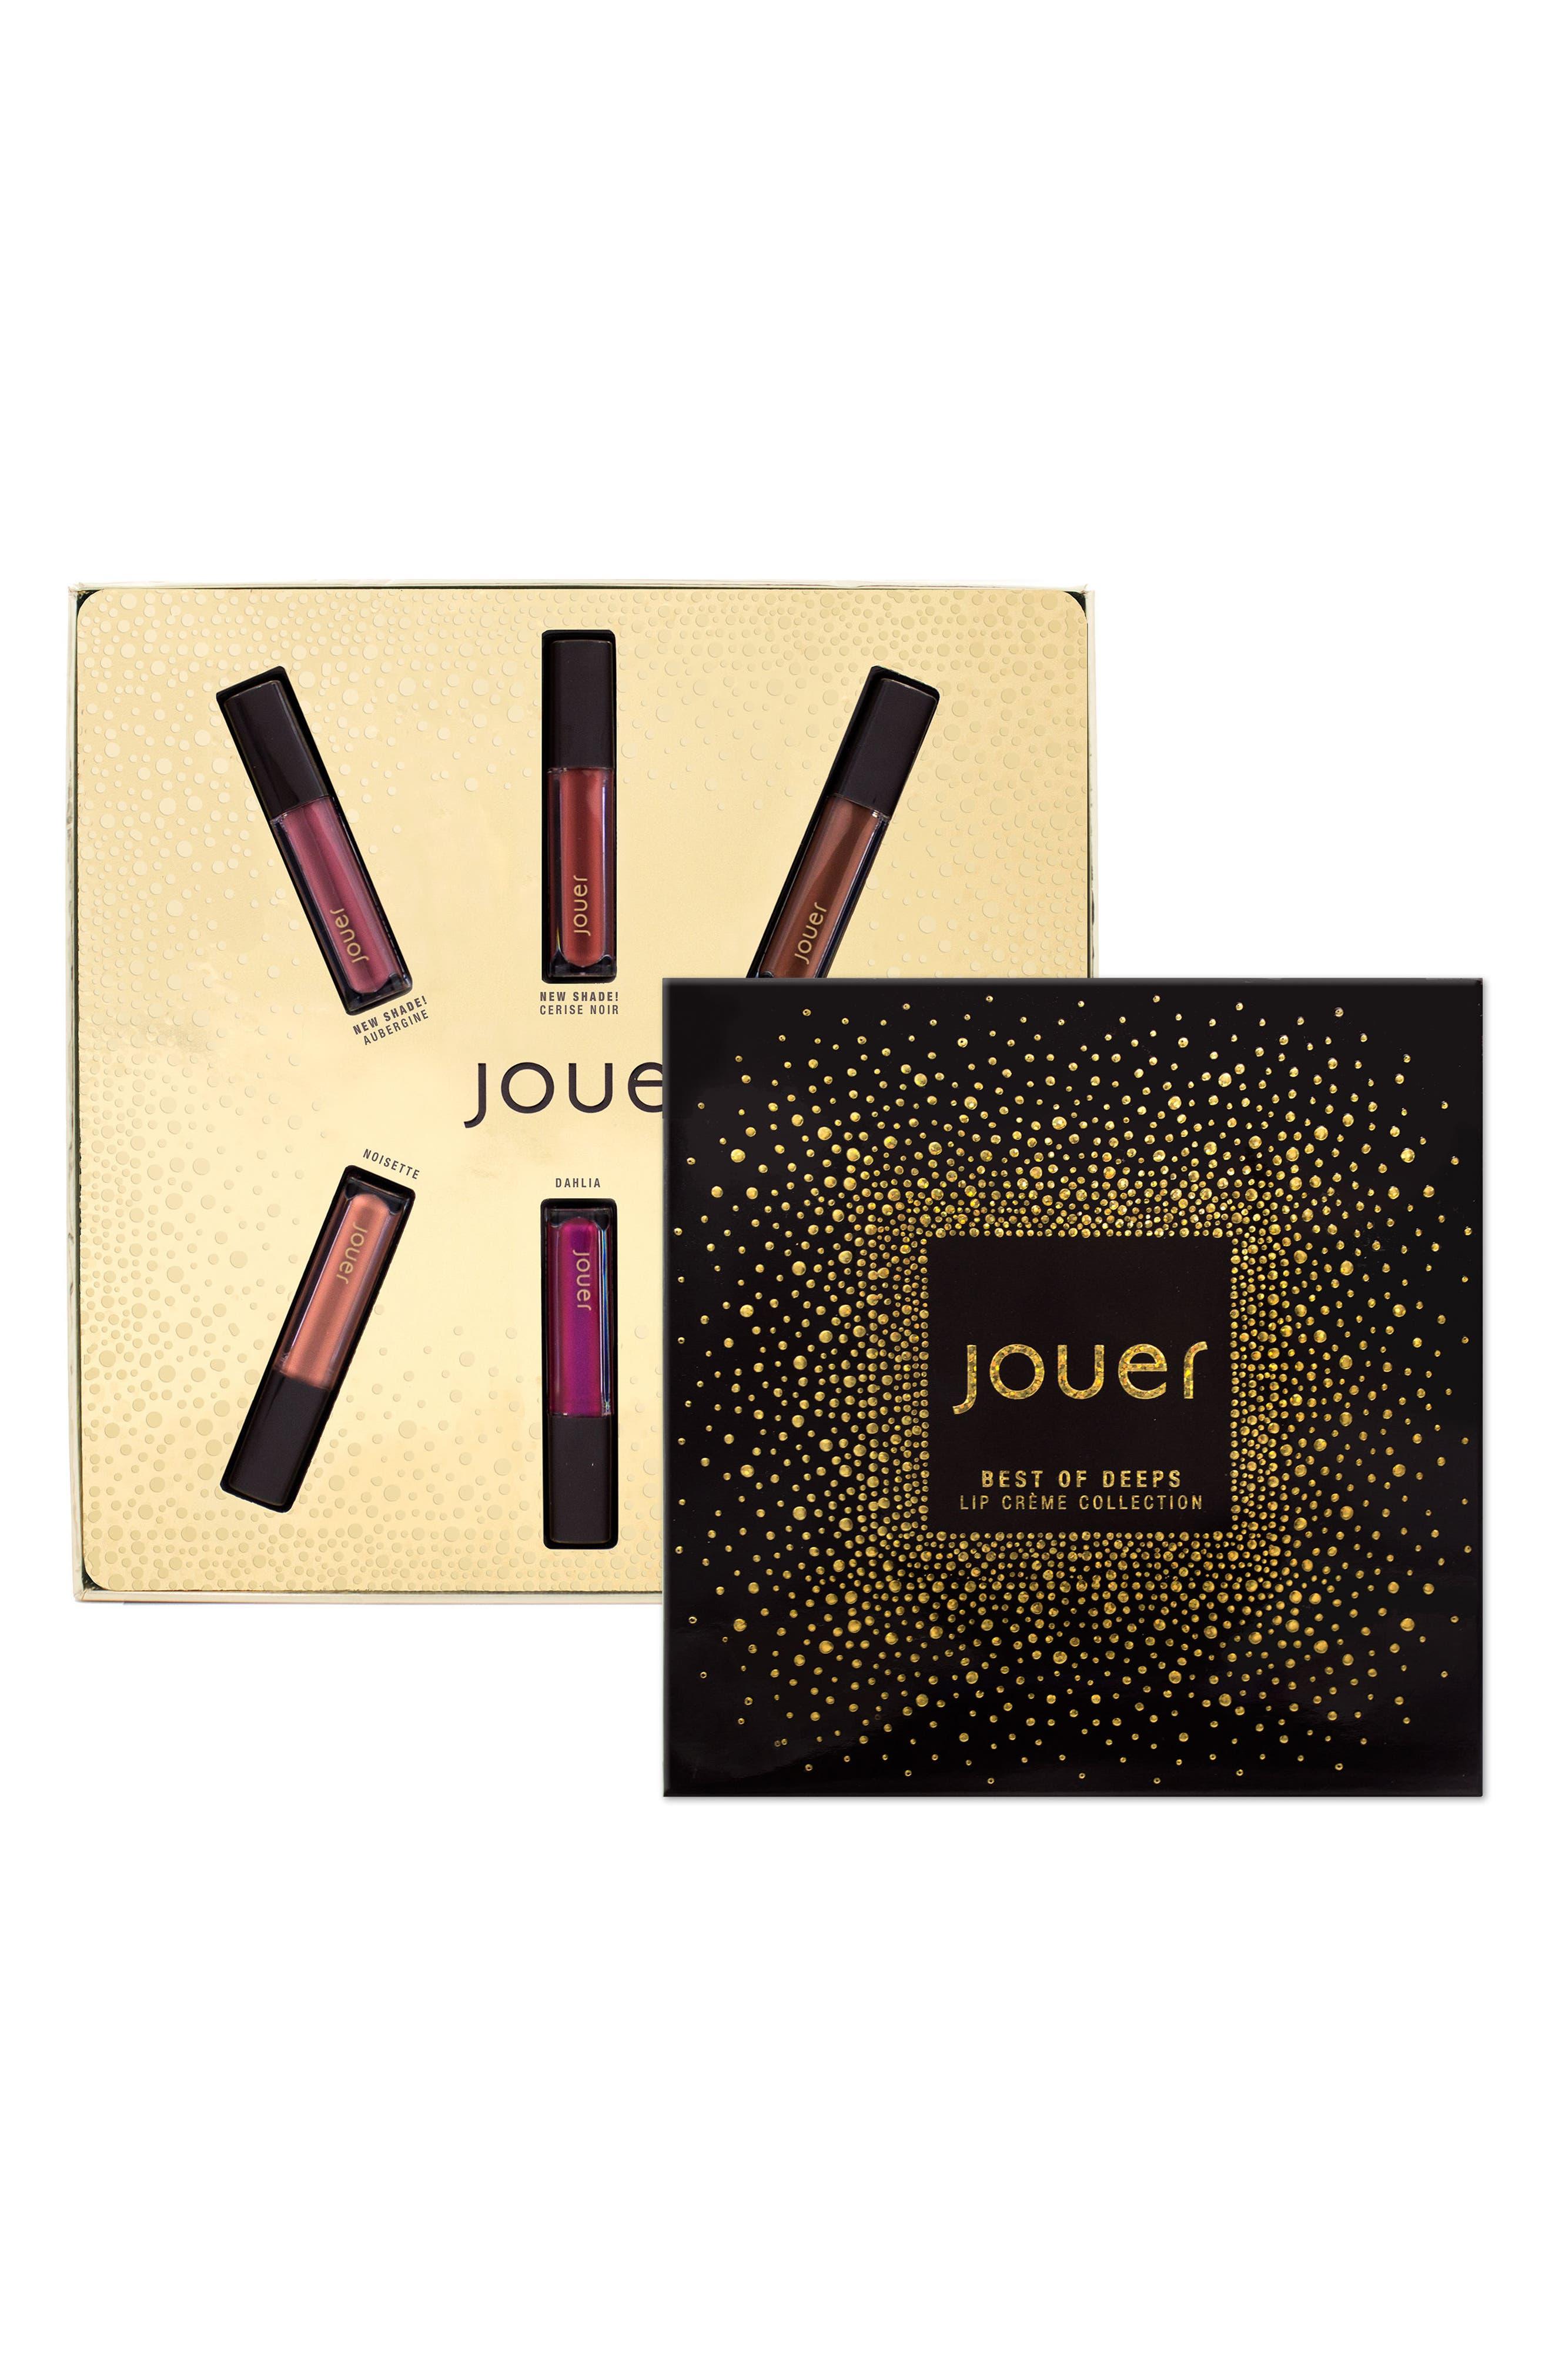 Jouer Best of Deeps Mini Long-Wear Lip Crème Liquid Lipstick Collection ($32 Value)